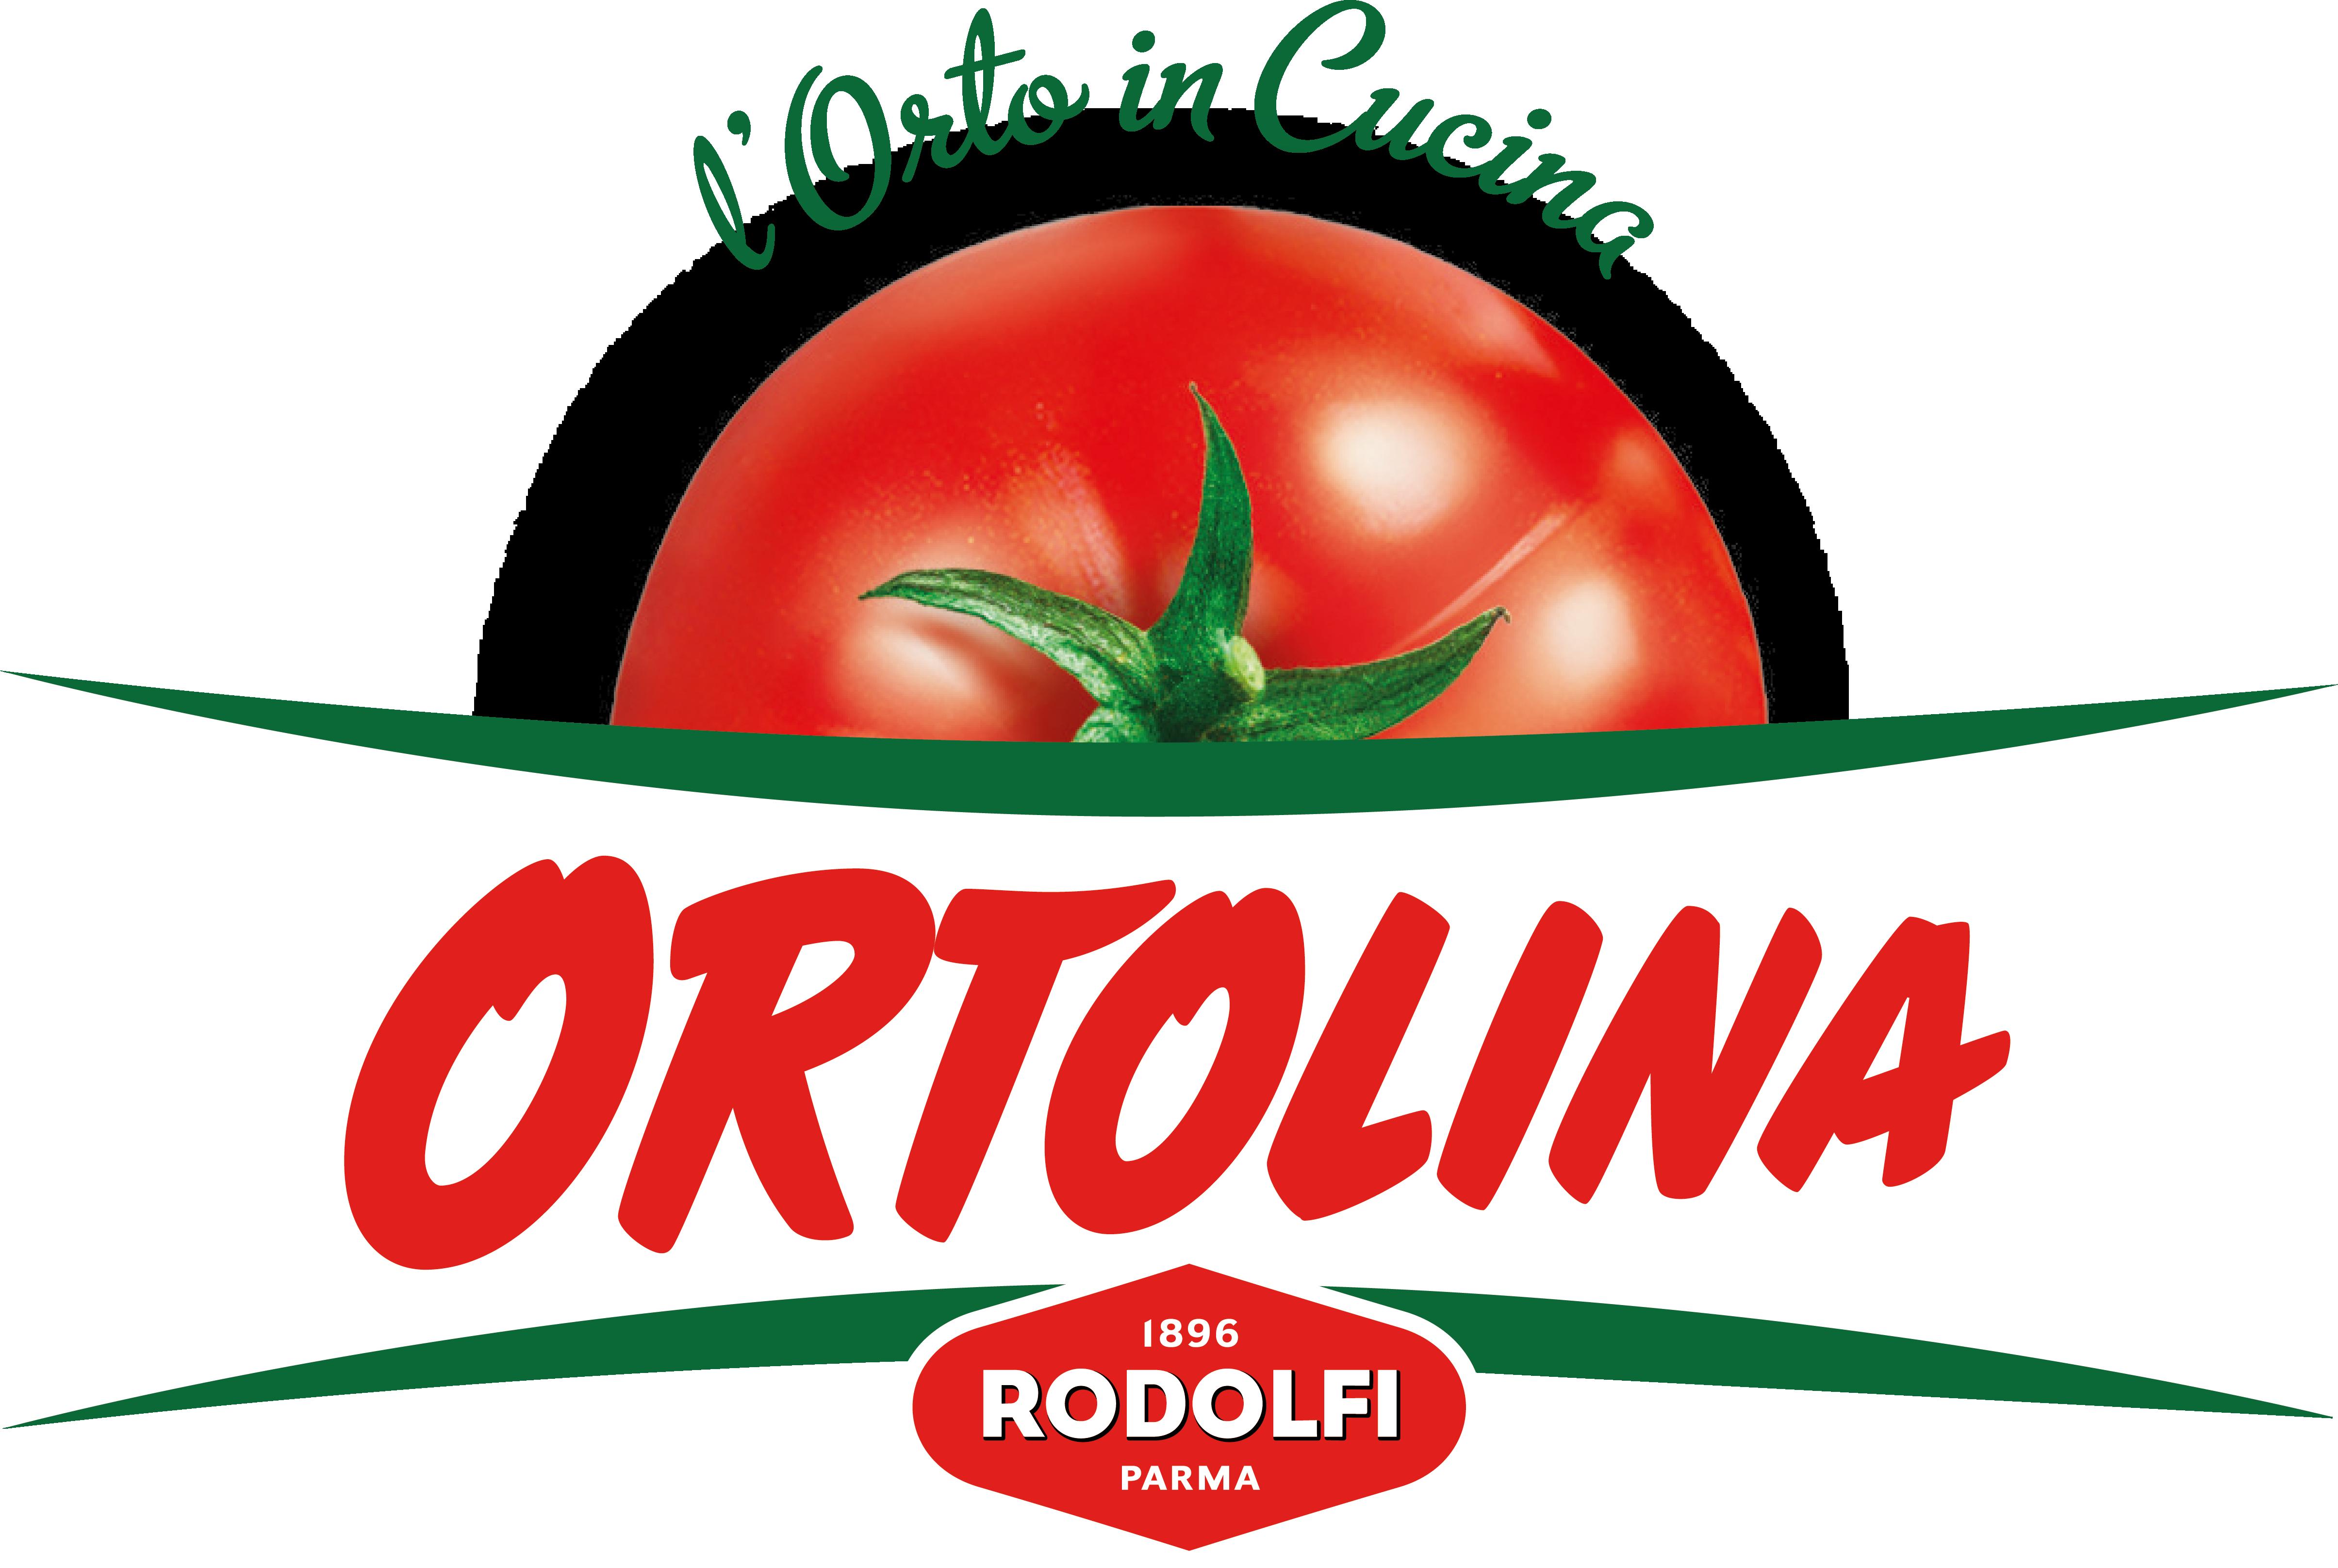 Ortolina